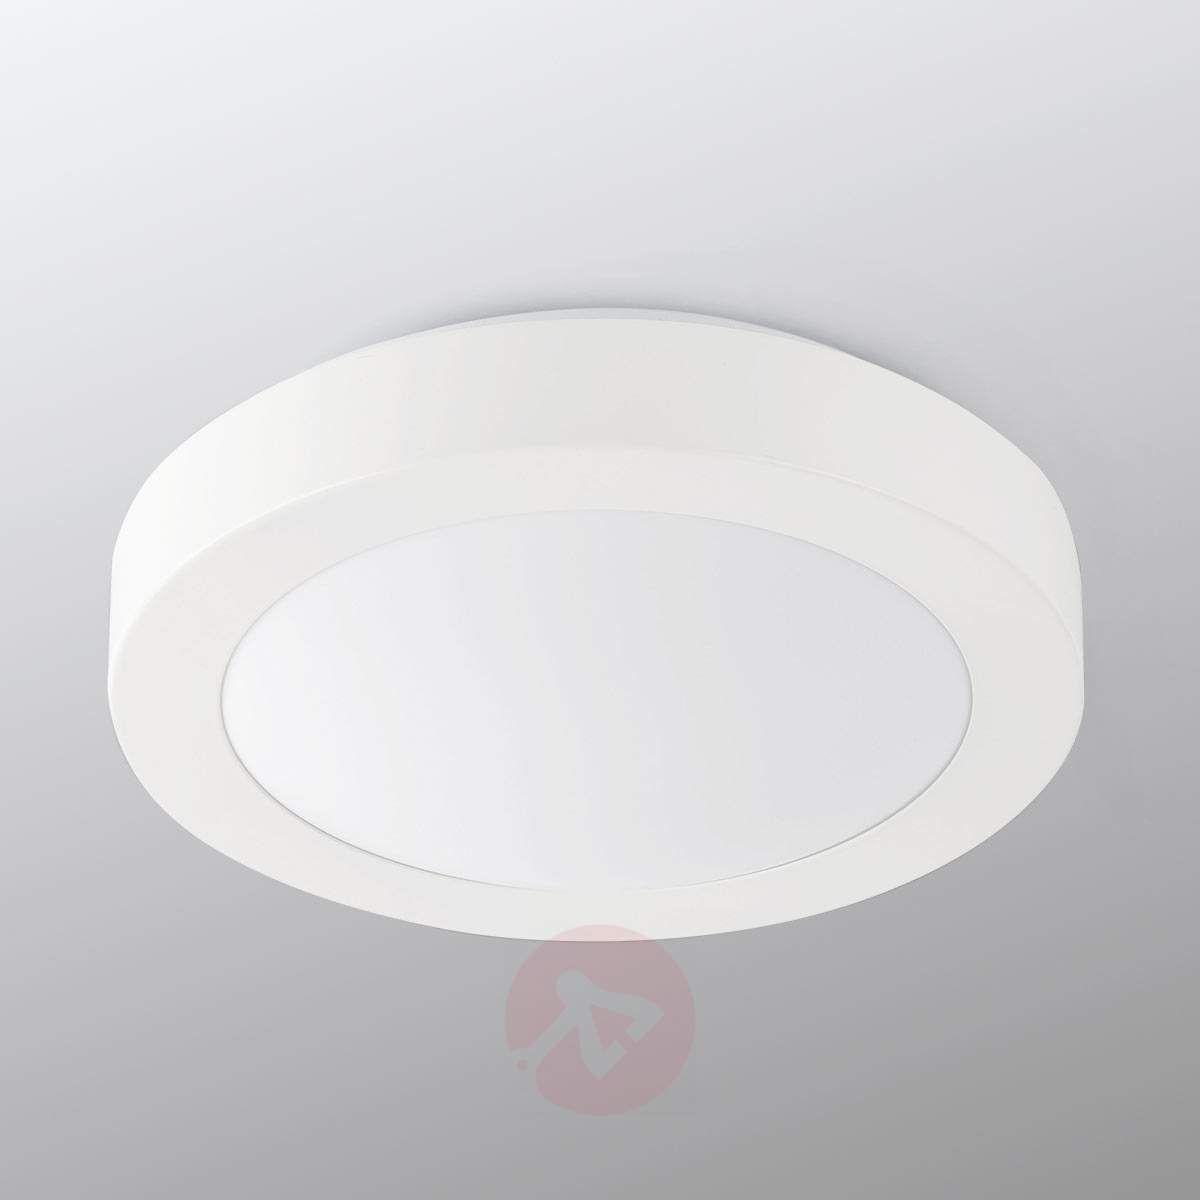 Okrągła łazienkowa Lampa Sufitowa Logos ø 27 Cm W 2019